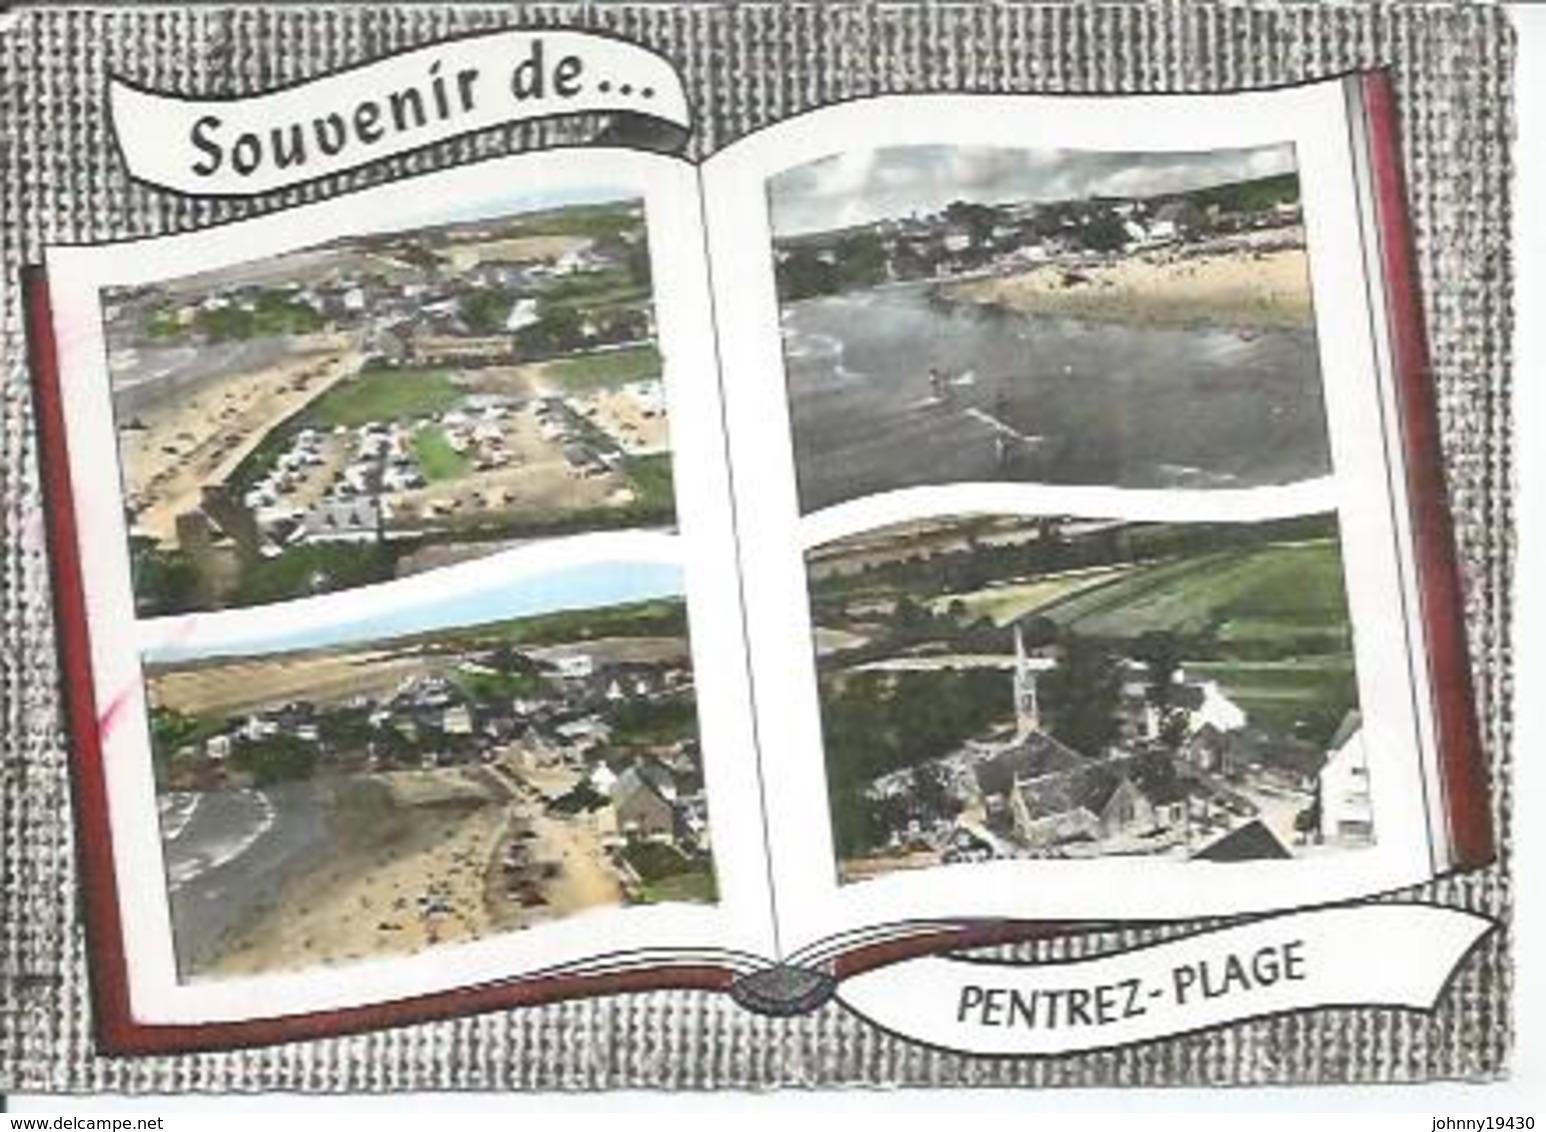 101 - PENTREZ-PLAGE - LE CAMPING - LA PLAGE - St-NIC: L'EGLISE - PANORAMA  ( 4 VUES ) - France